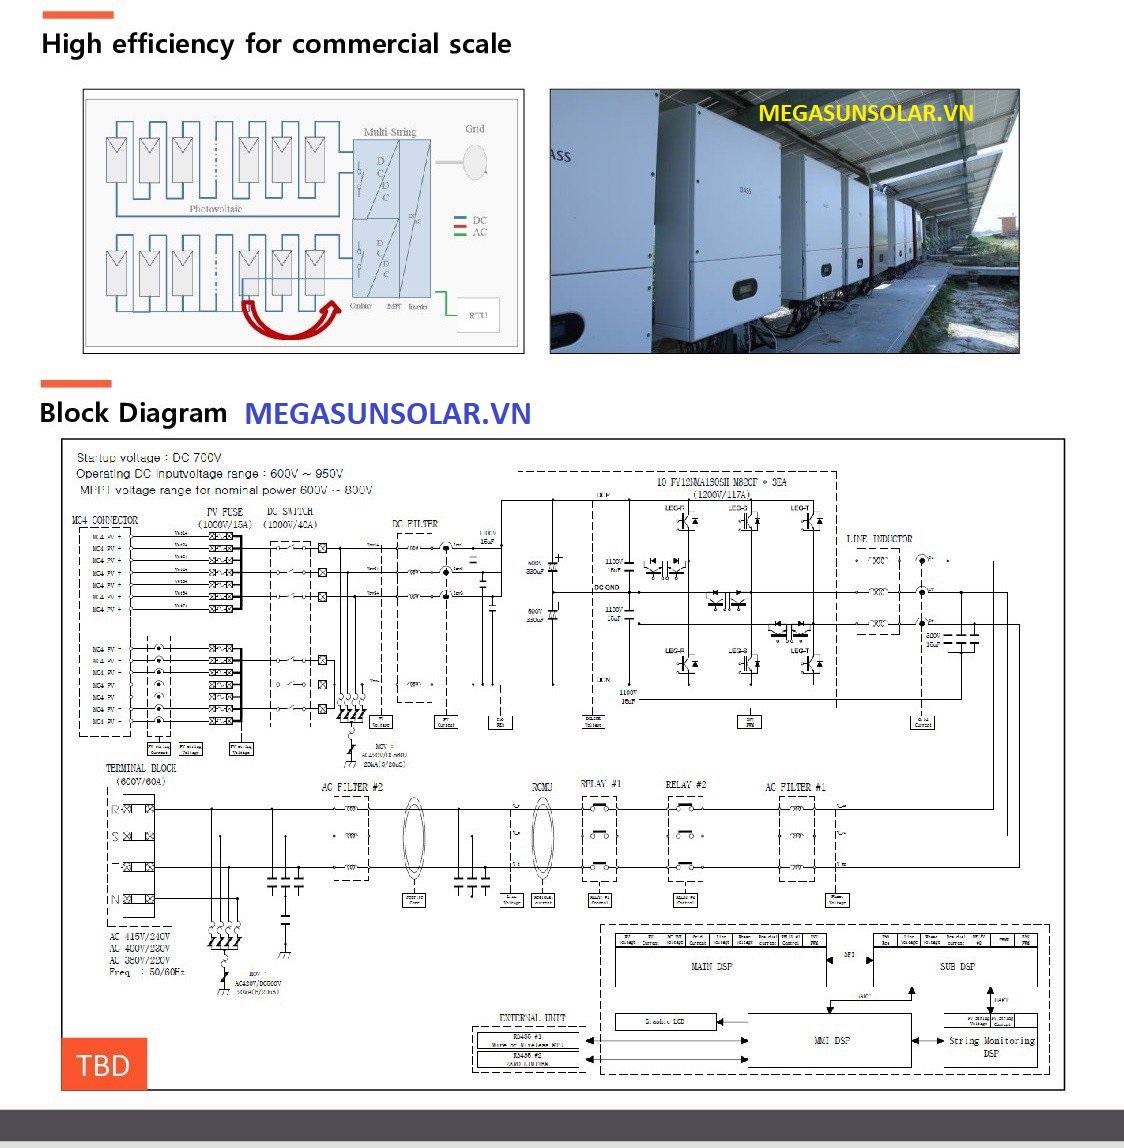 Bộ chuyển đổi điện Inverter DASS 34KW dùng cho điện năng lượng mặt trời